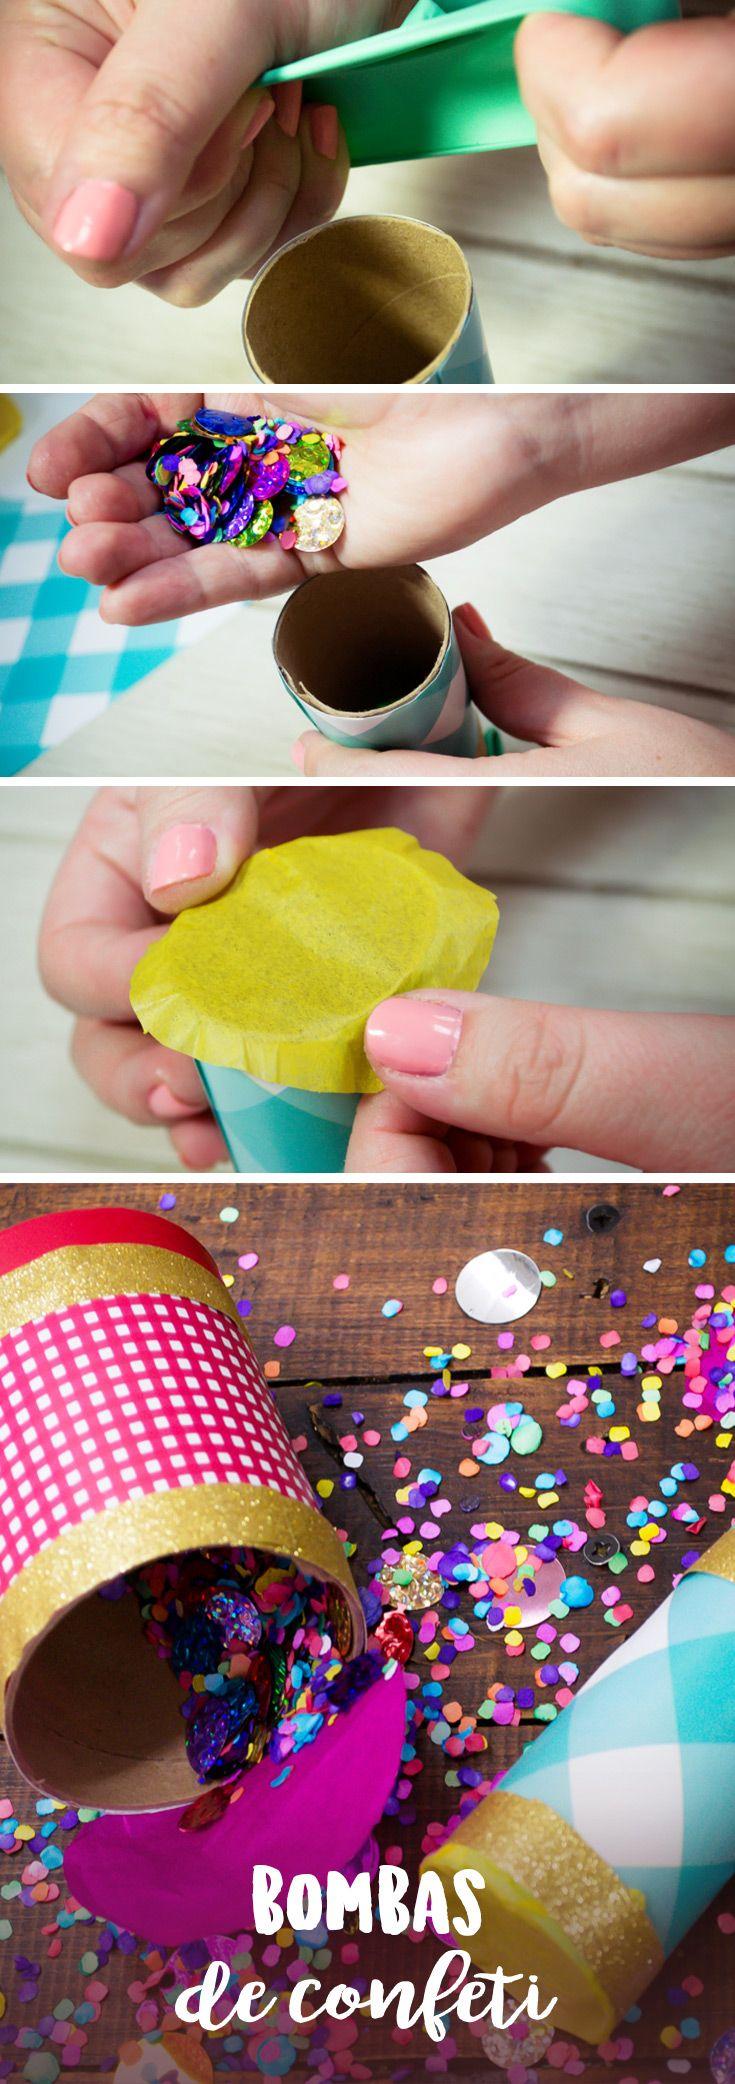 Anima tus fiestas con estas bombas de confeti. Son muy fáciles de hacer y los puedes armar con el material que tienes en tu casa. Es una gran actividad para hacer con los niños. Son muy divertidos y serán un éxito en todas tus fiestas.